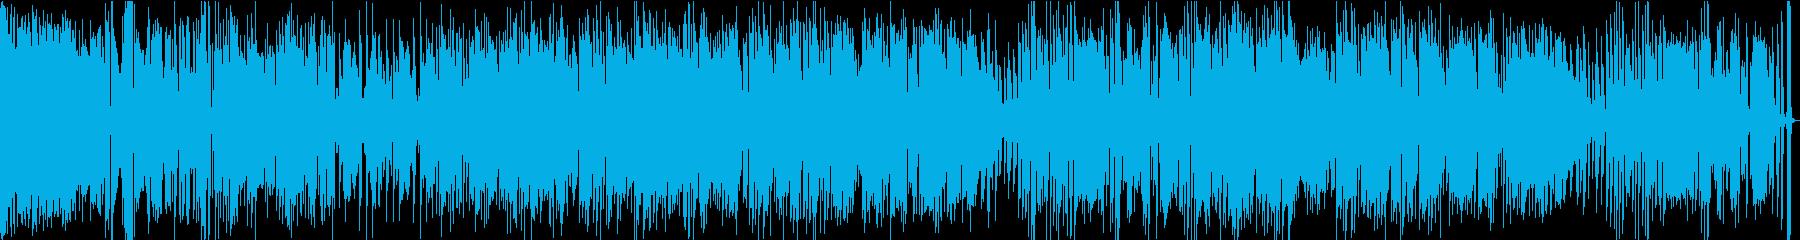 軽快で疾走感のあるアコーステッィクの再生済みの波形